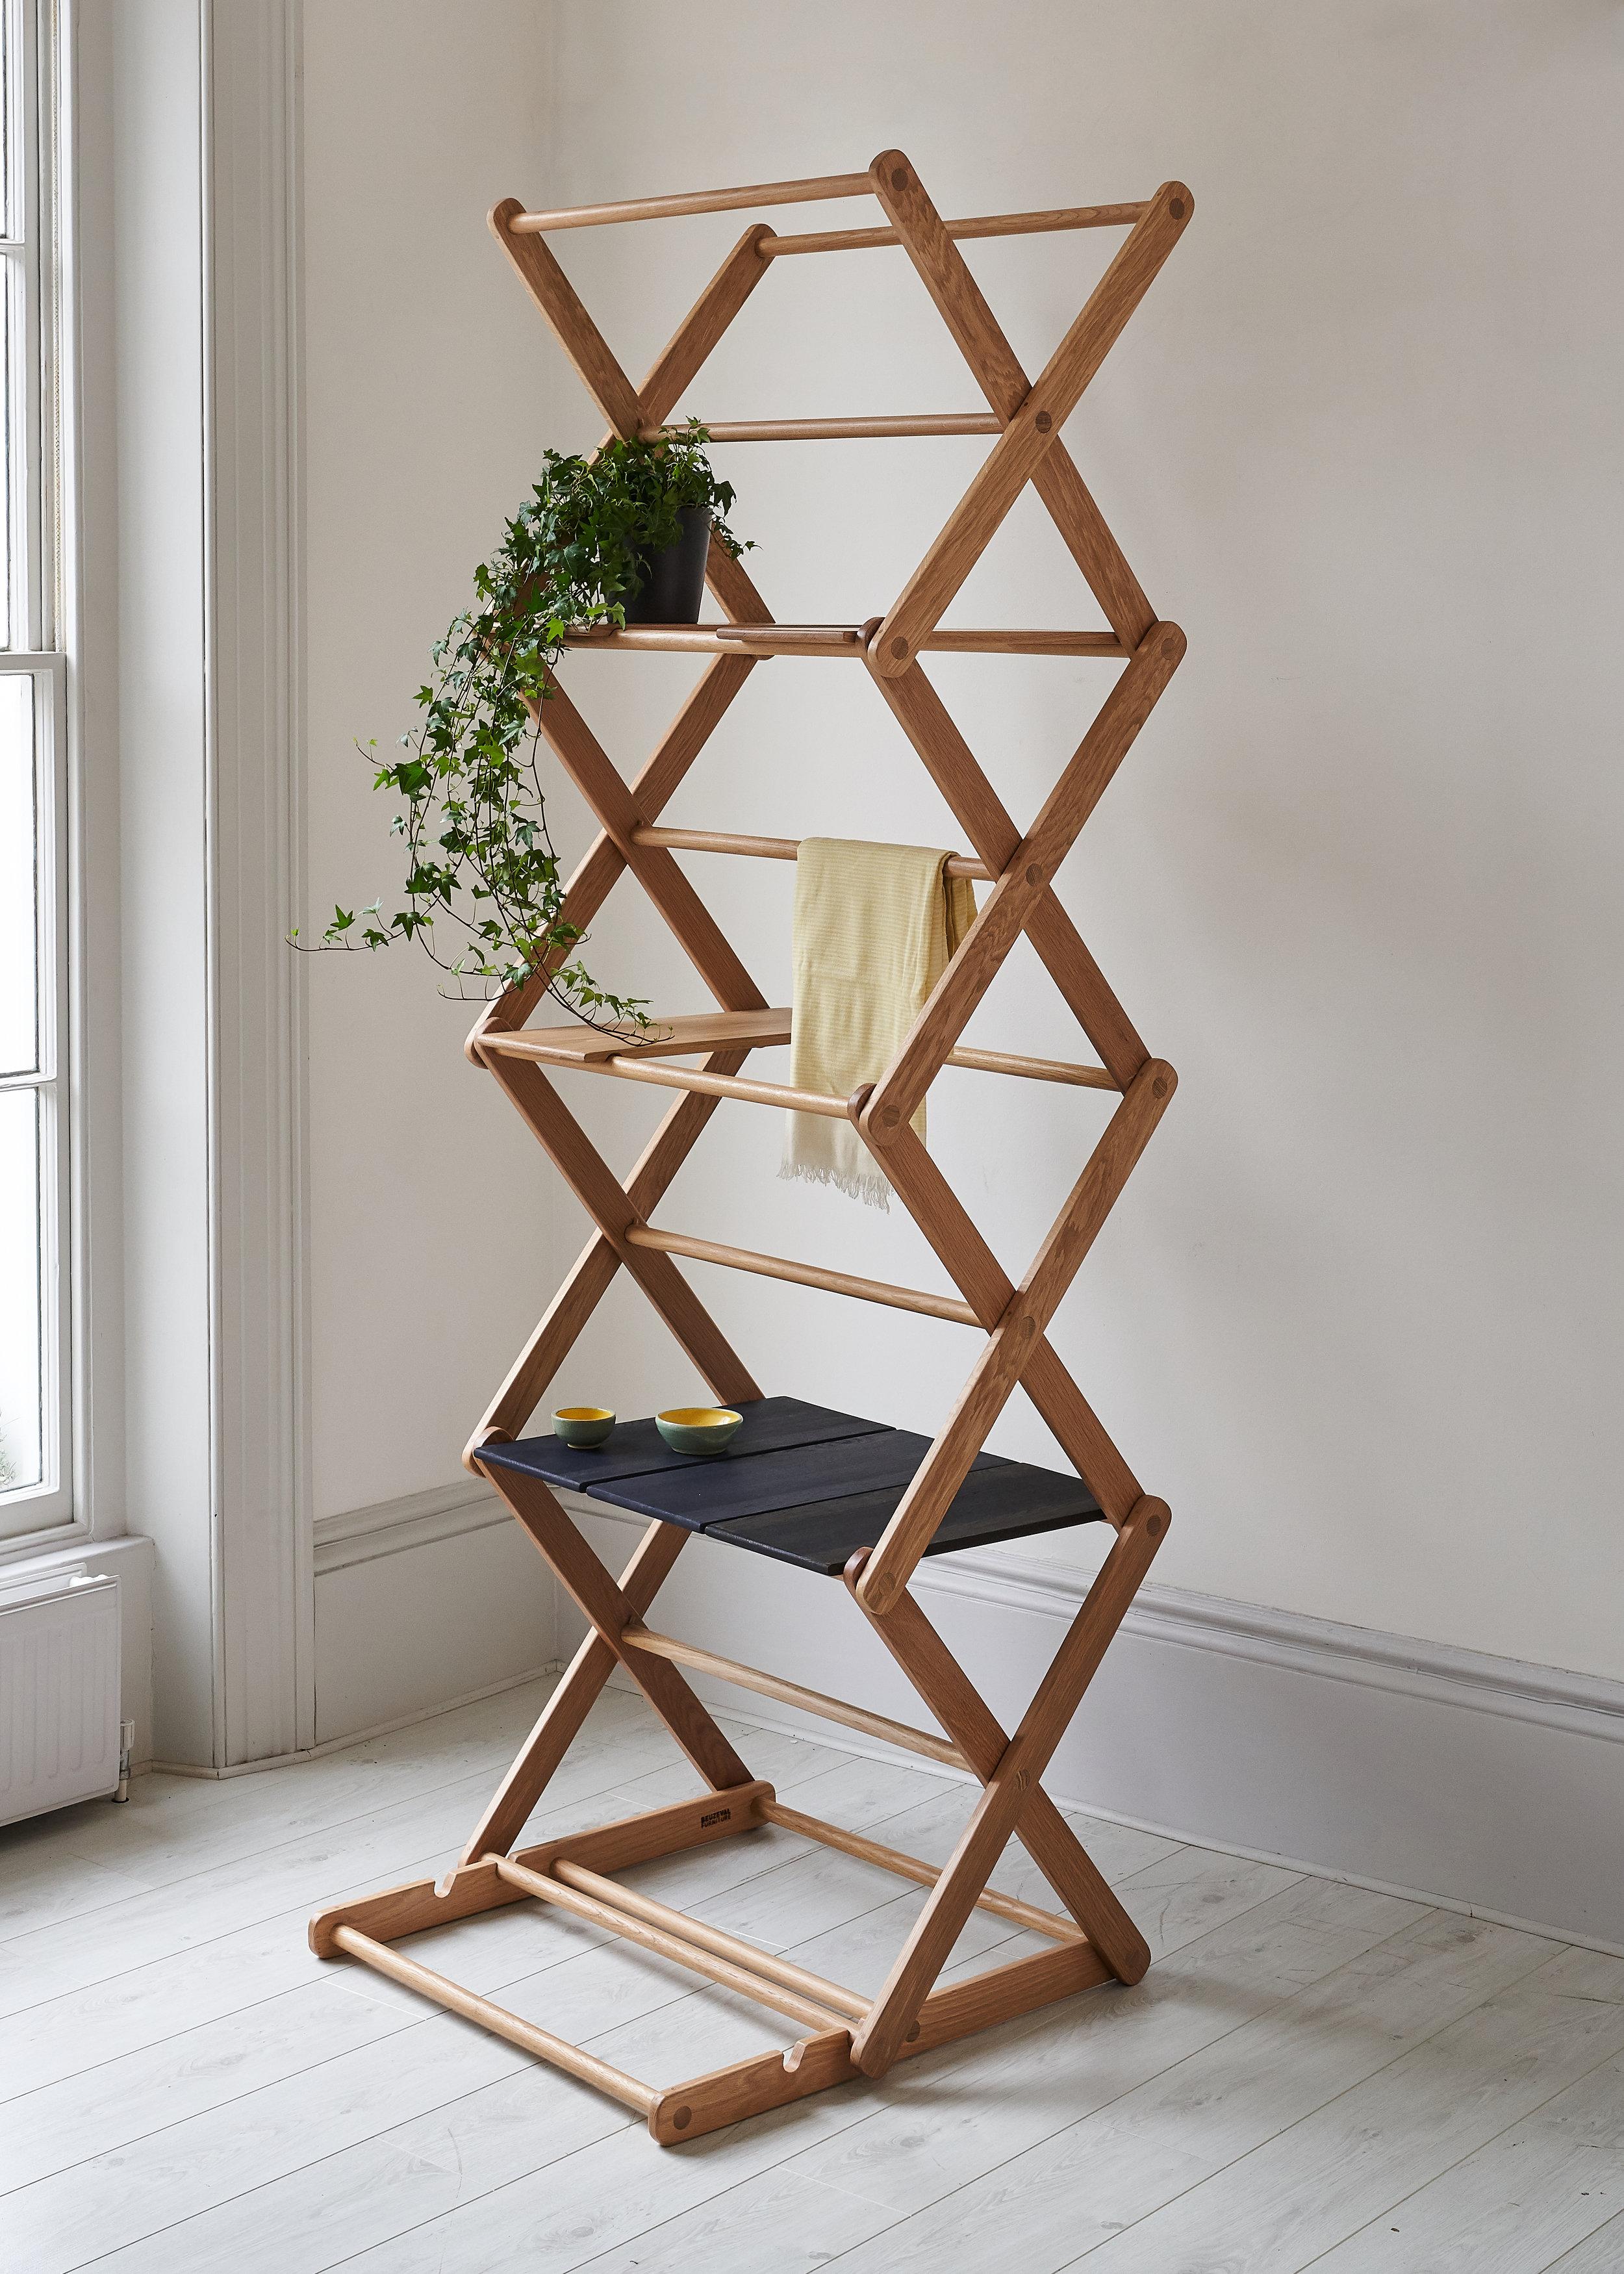 Beuzeval furniture-Folding oak interior -photo Yeshen Venema.jpg